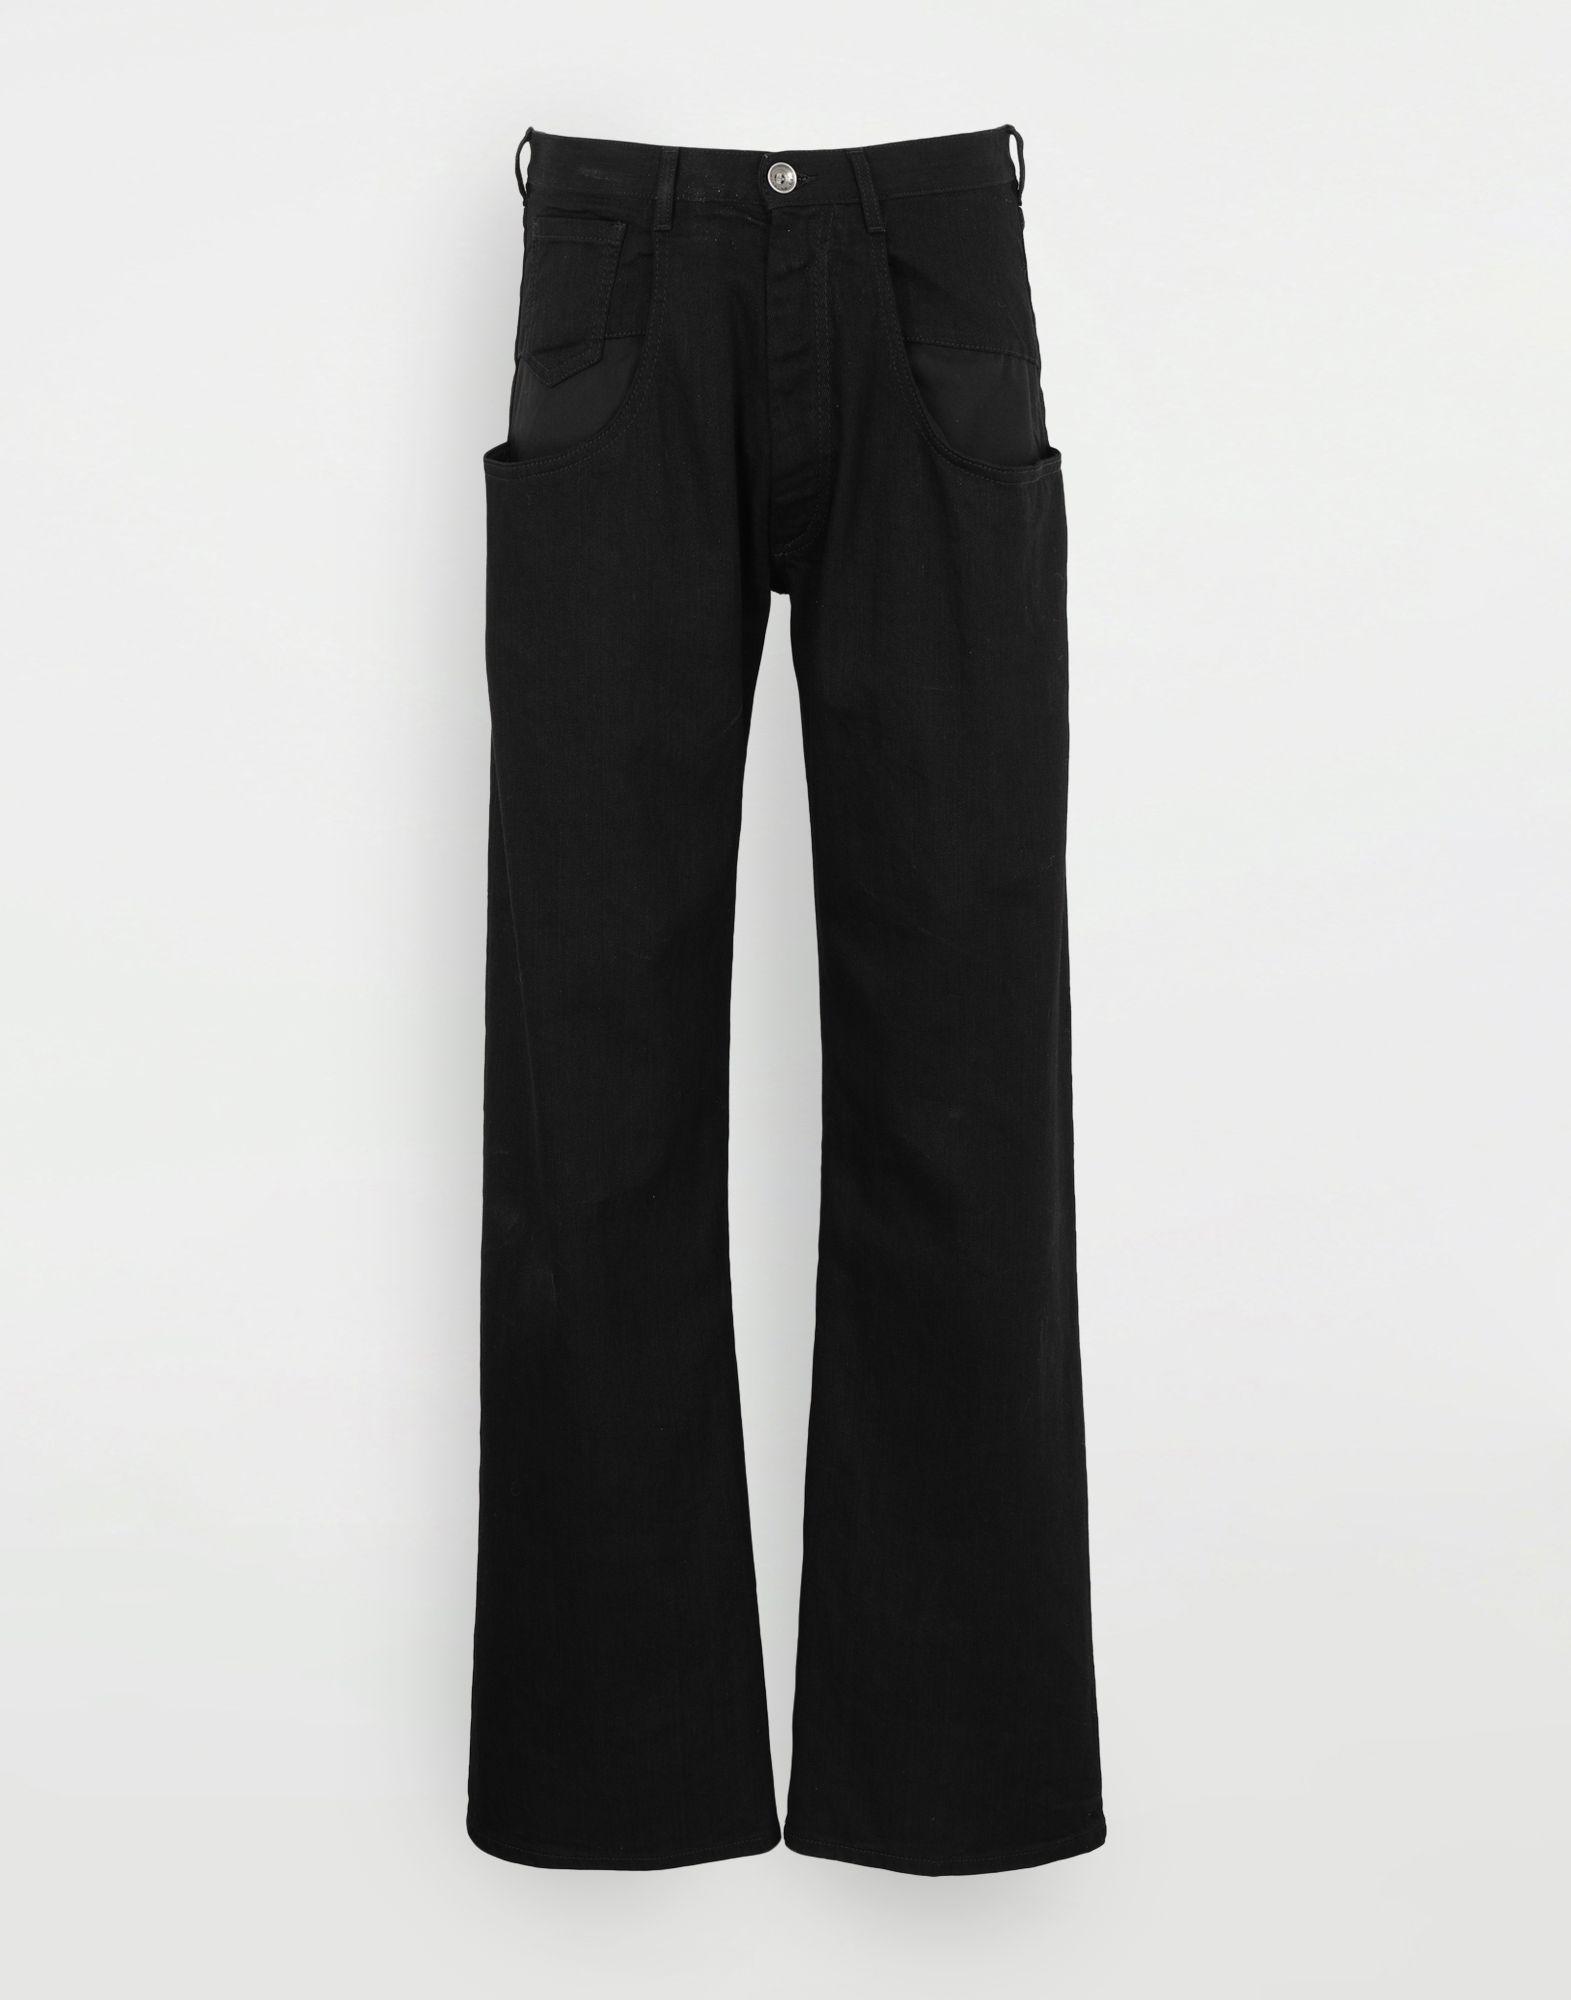 MAISON MARGIELA Джинсы в технике Décortiqué Джинсовые брюки Для Мужчин f